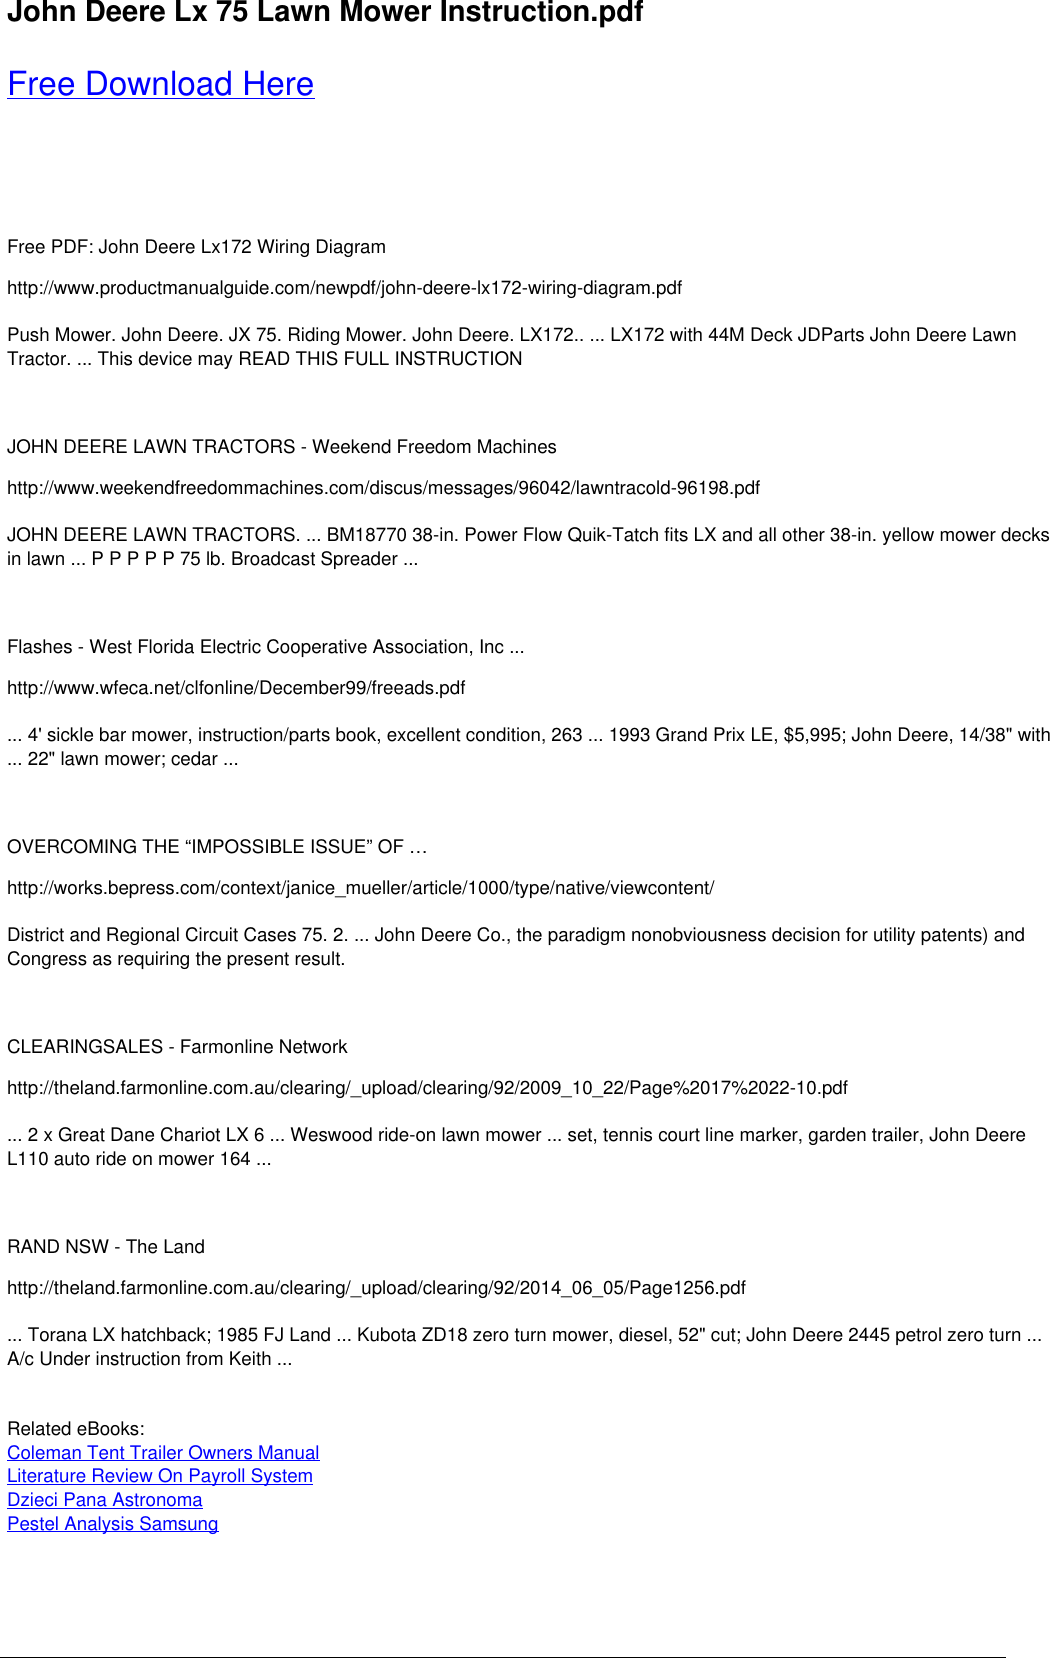 John Deere Lx172 Parts Diagram